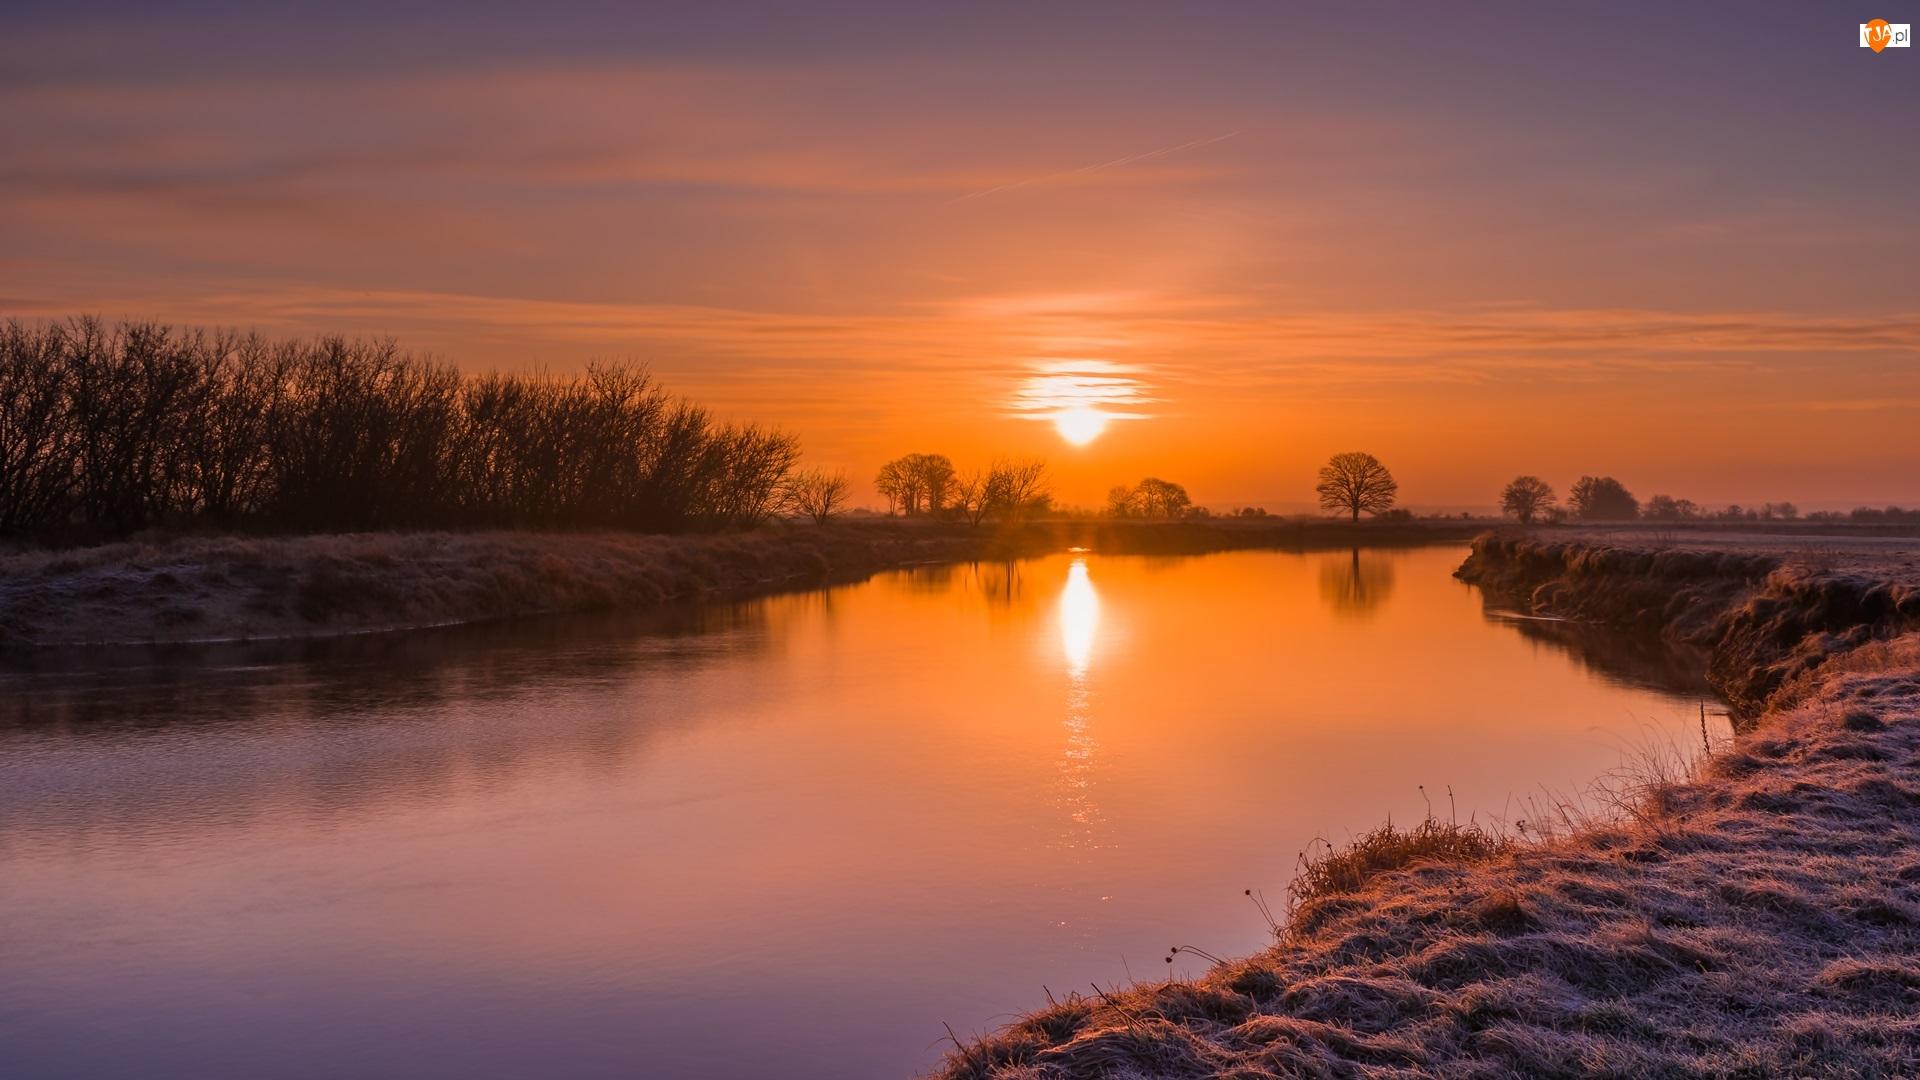 Zachód słońca, Niebo, Drzewa, Rzeka, Pomarańczowe